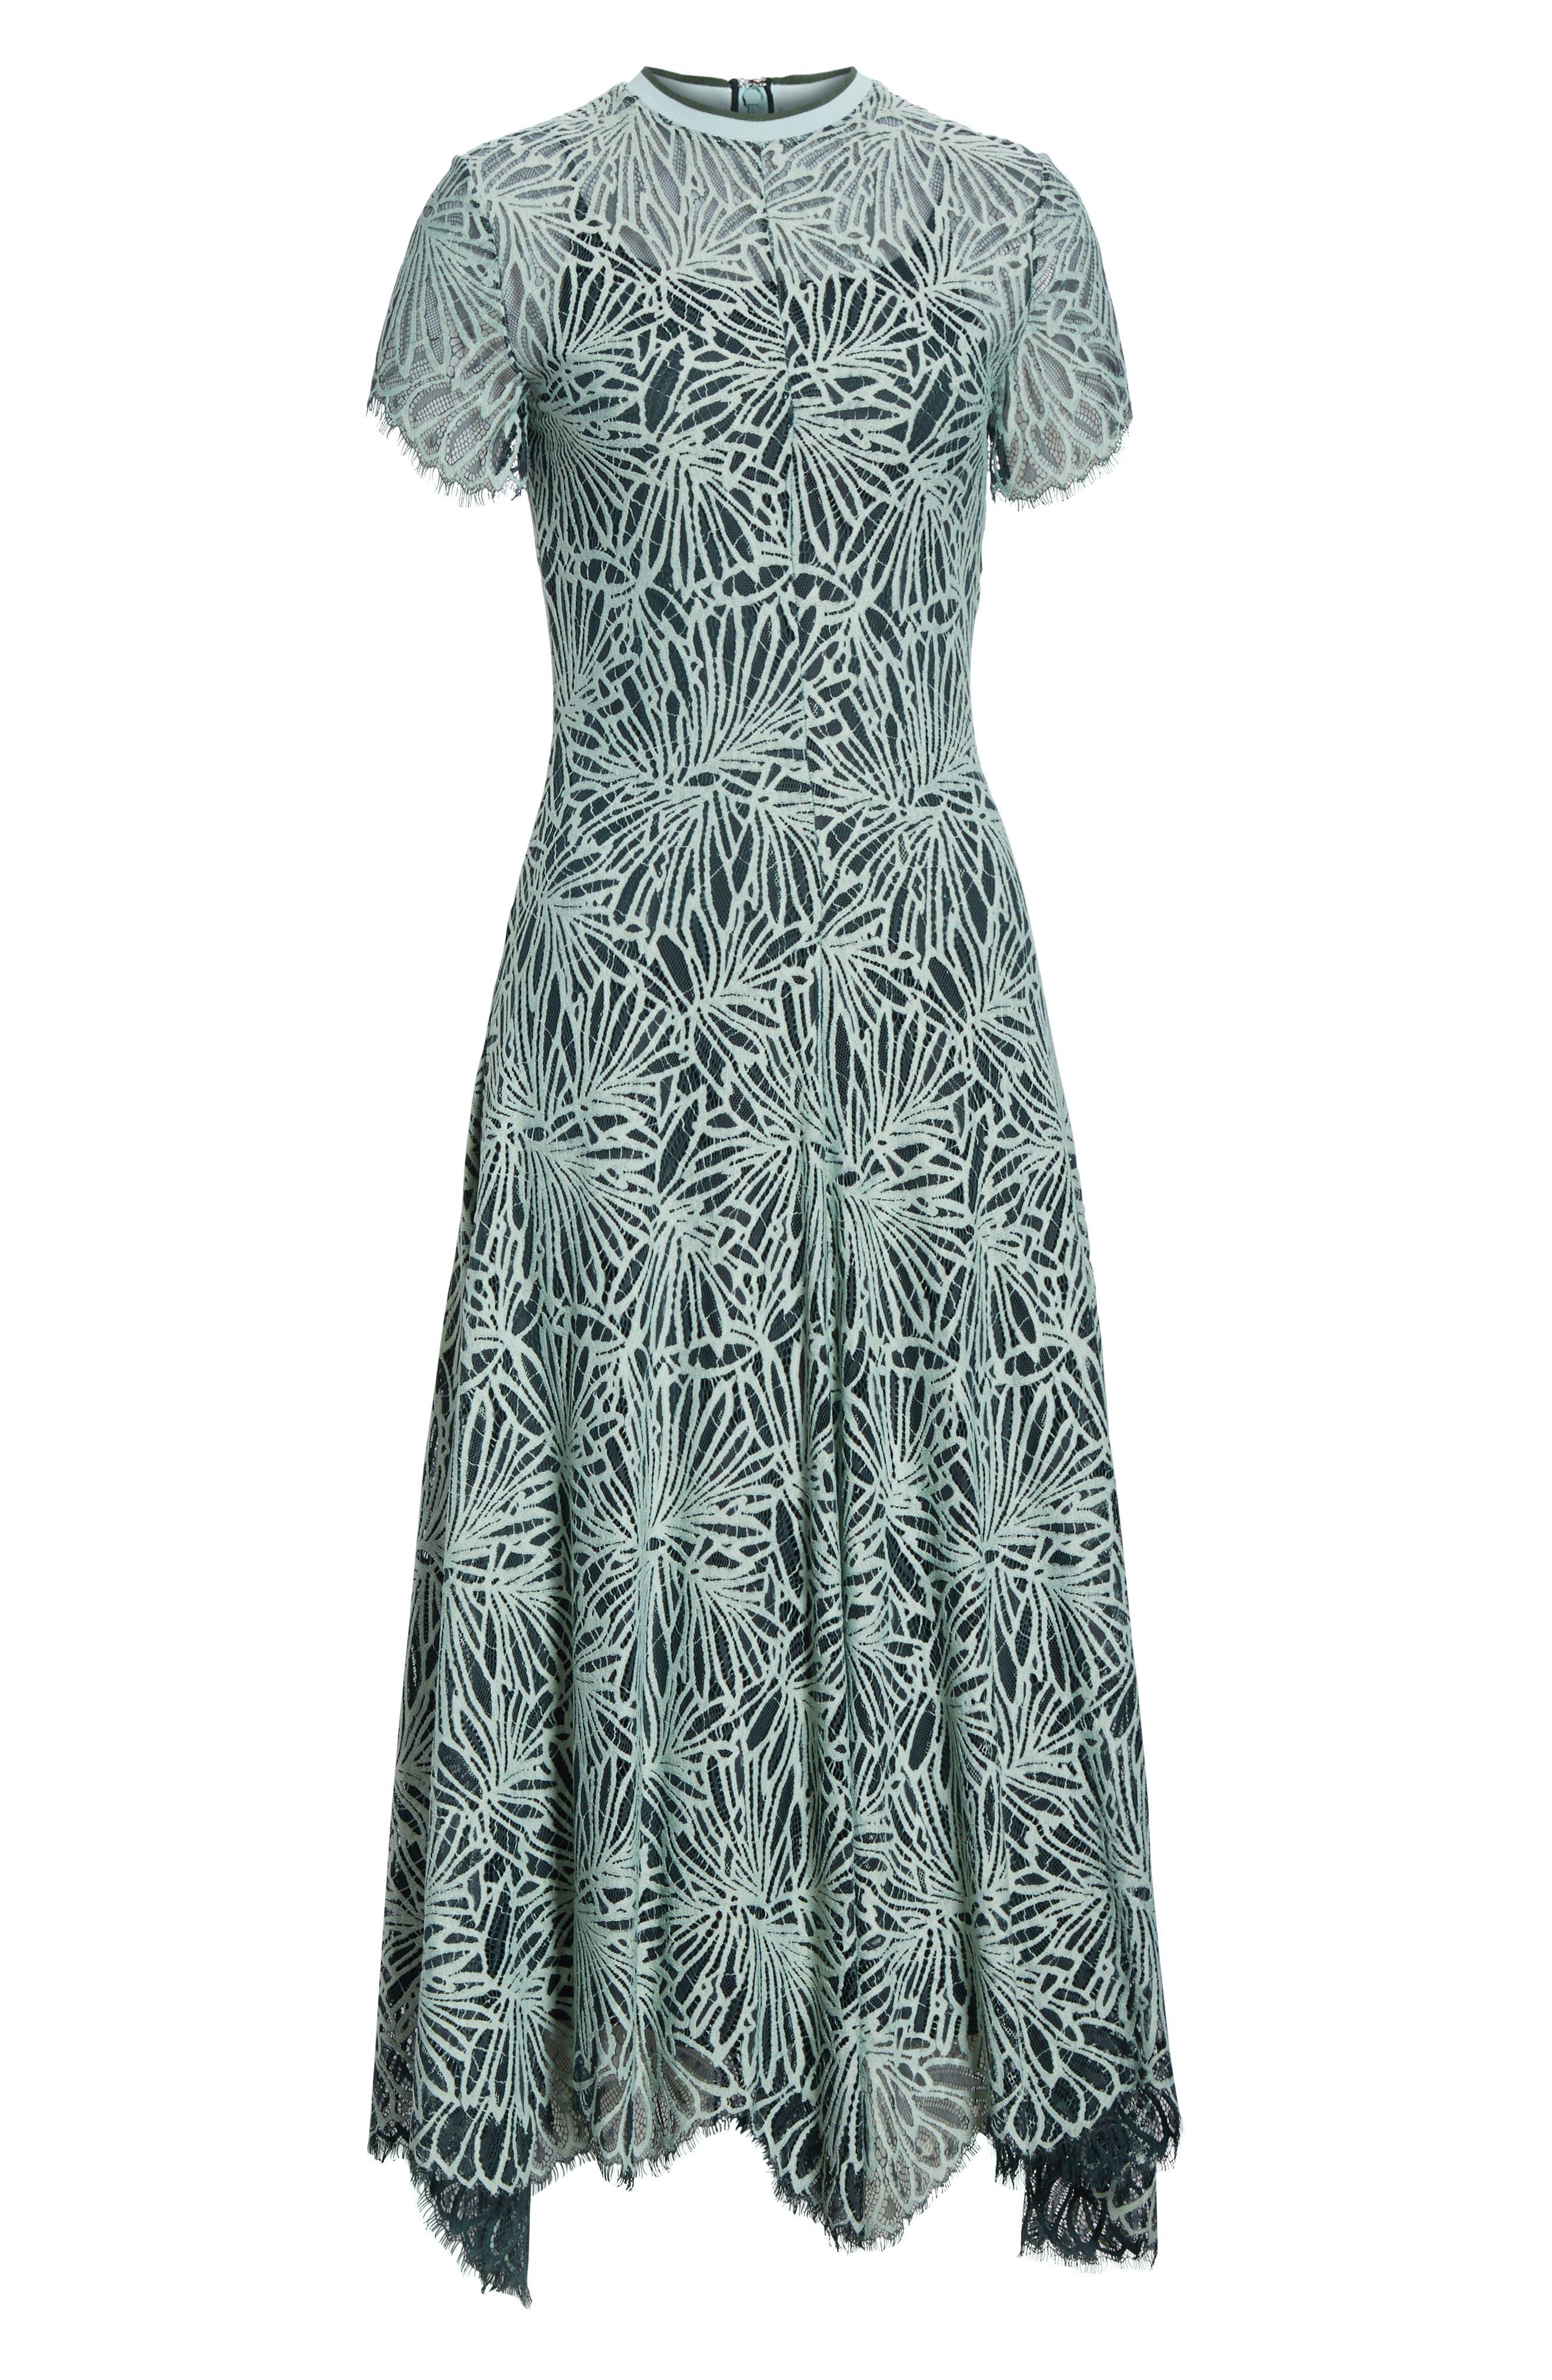 Stretch Lace Dress,                             Alternate thumbnail 7, color,                             SPEARMINT